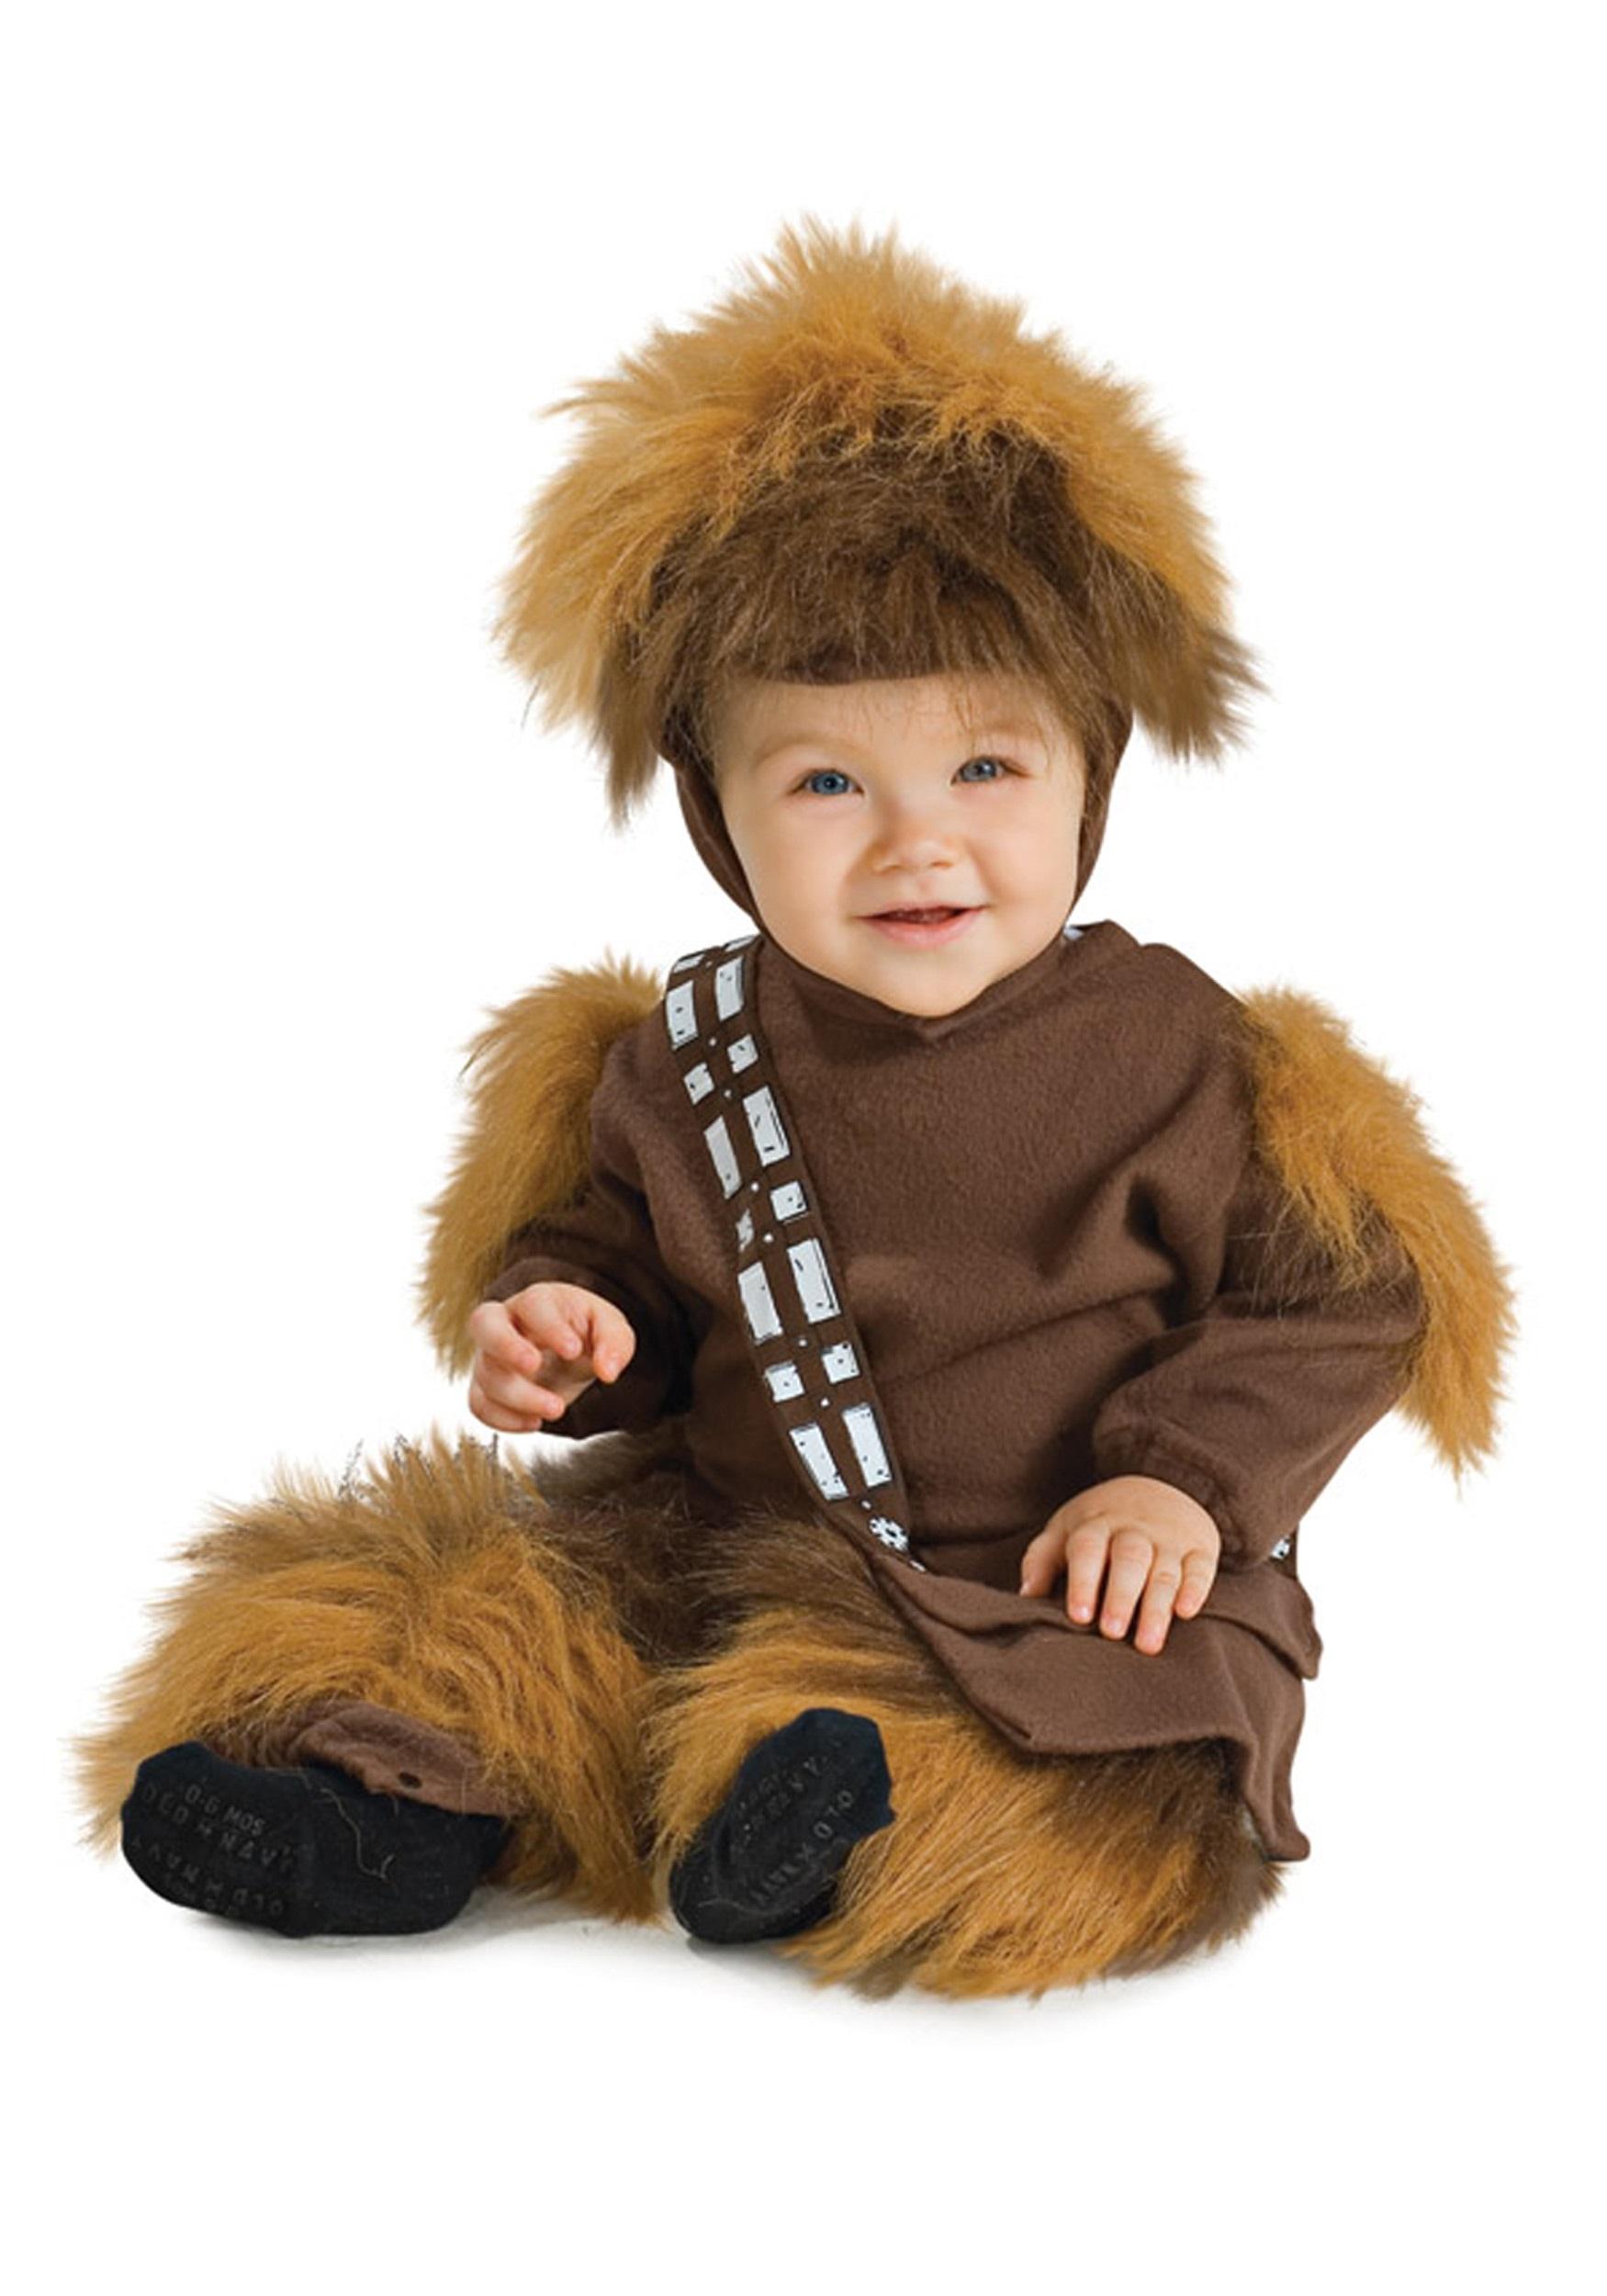 e508ac96e Disfraz de Chewbacca para niños pequeños